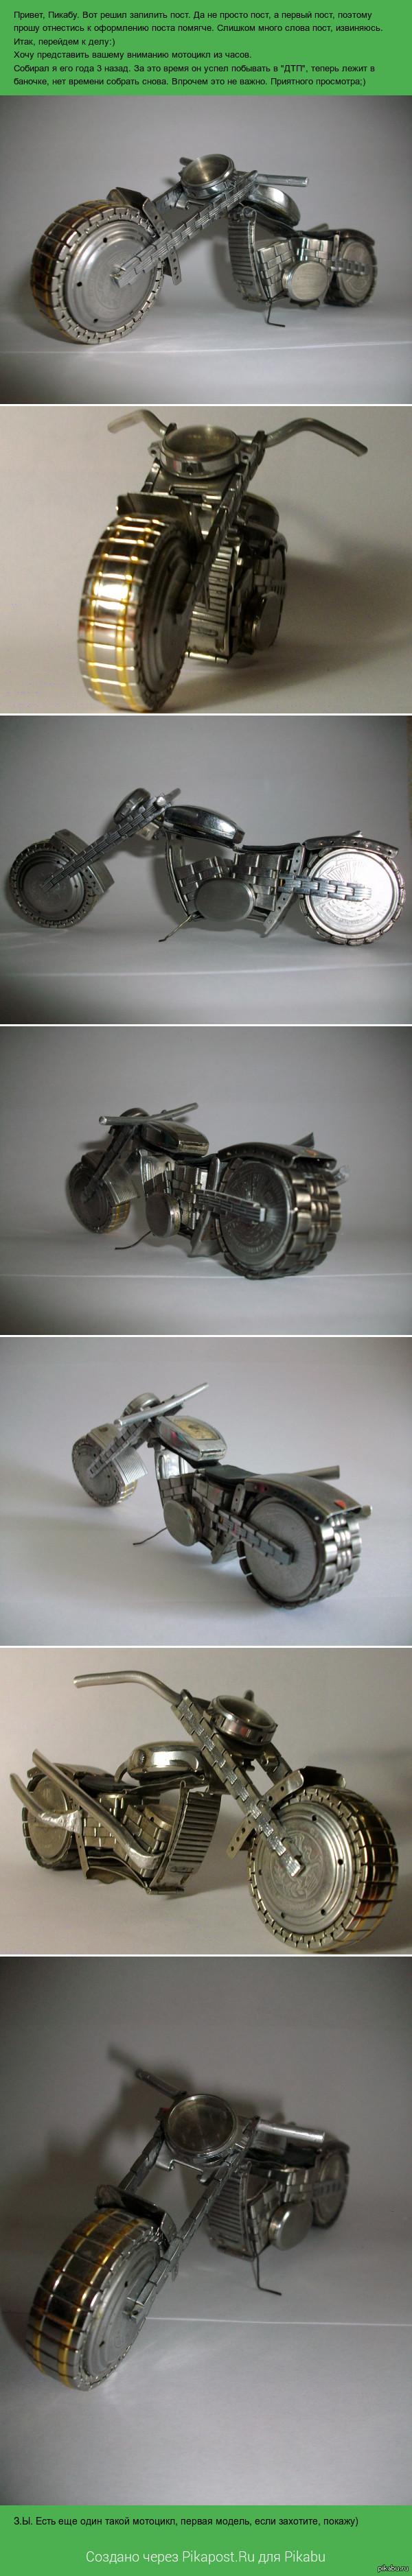 Мотоцикл из часов